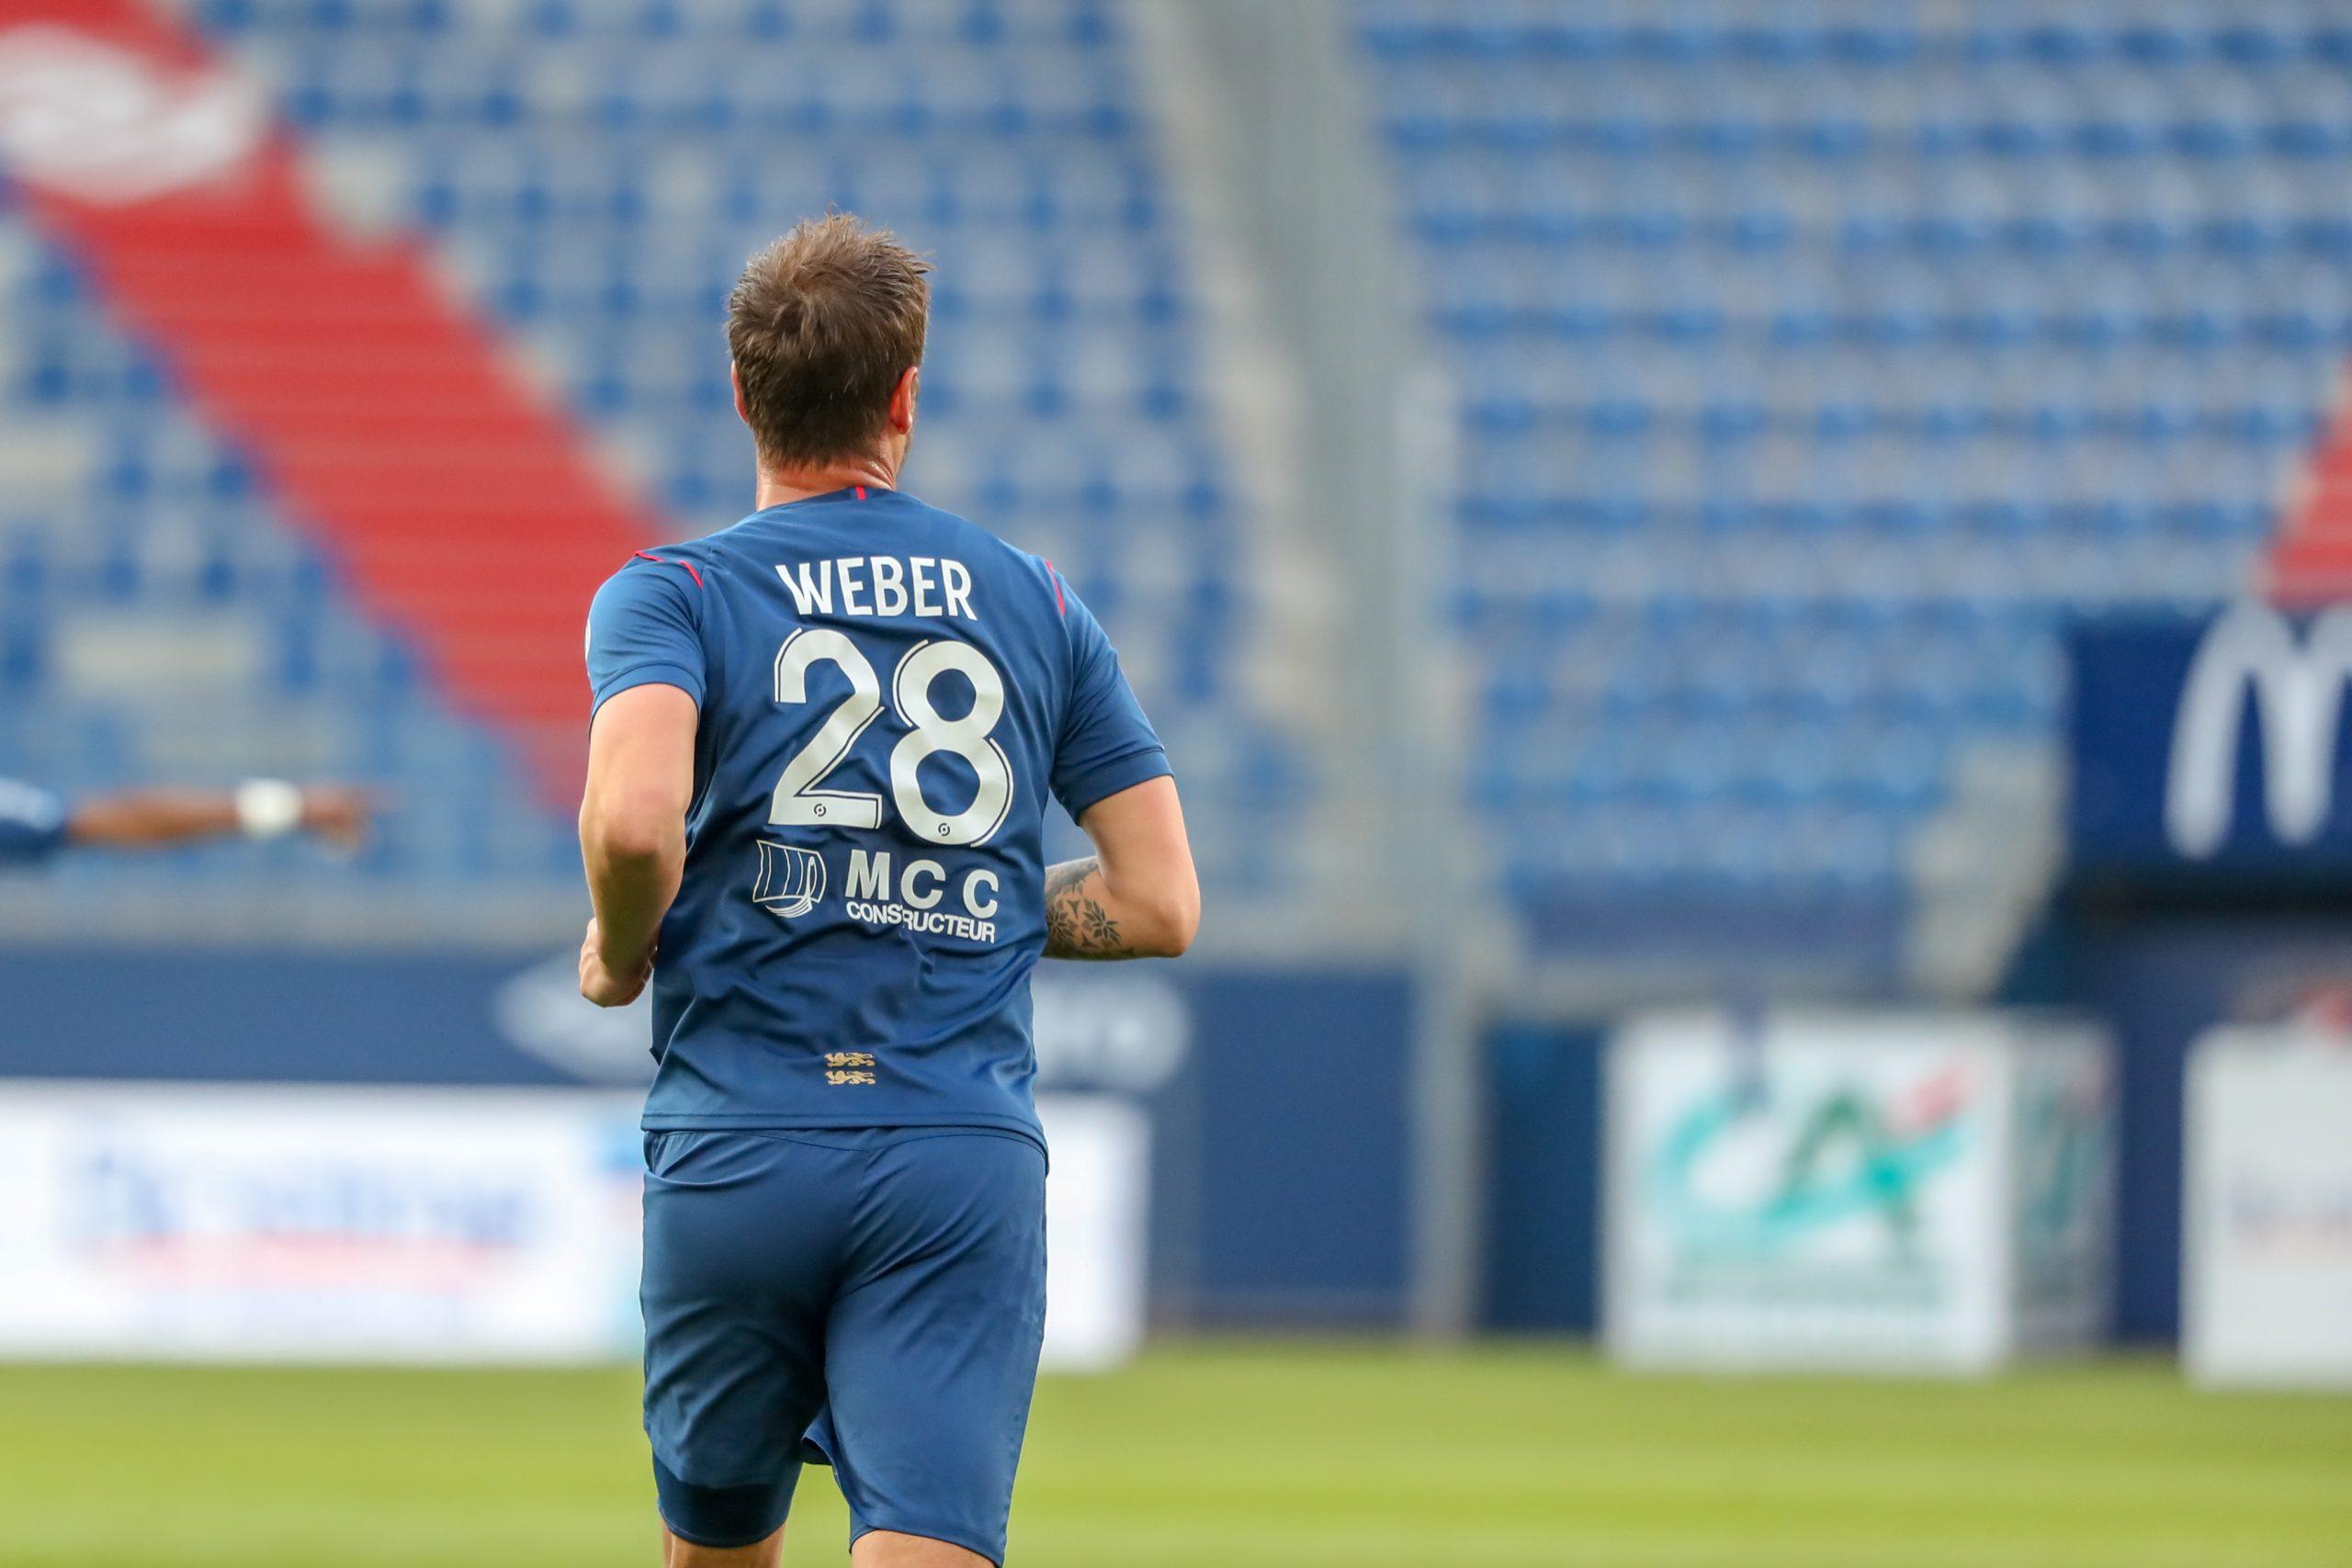 Fin de l'aventure au Stade Malherbe pour six joueurs